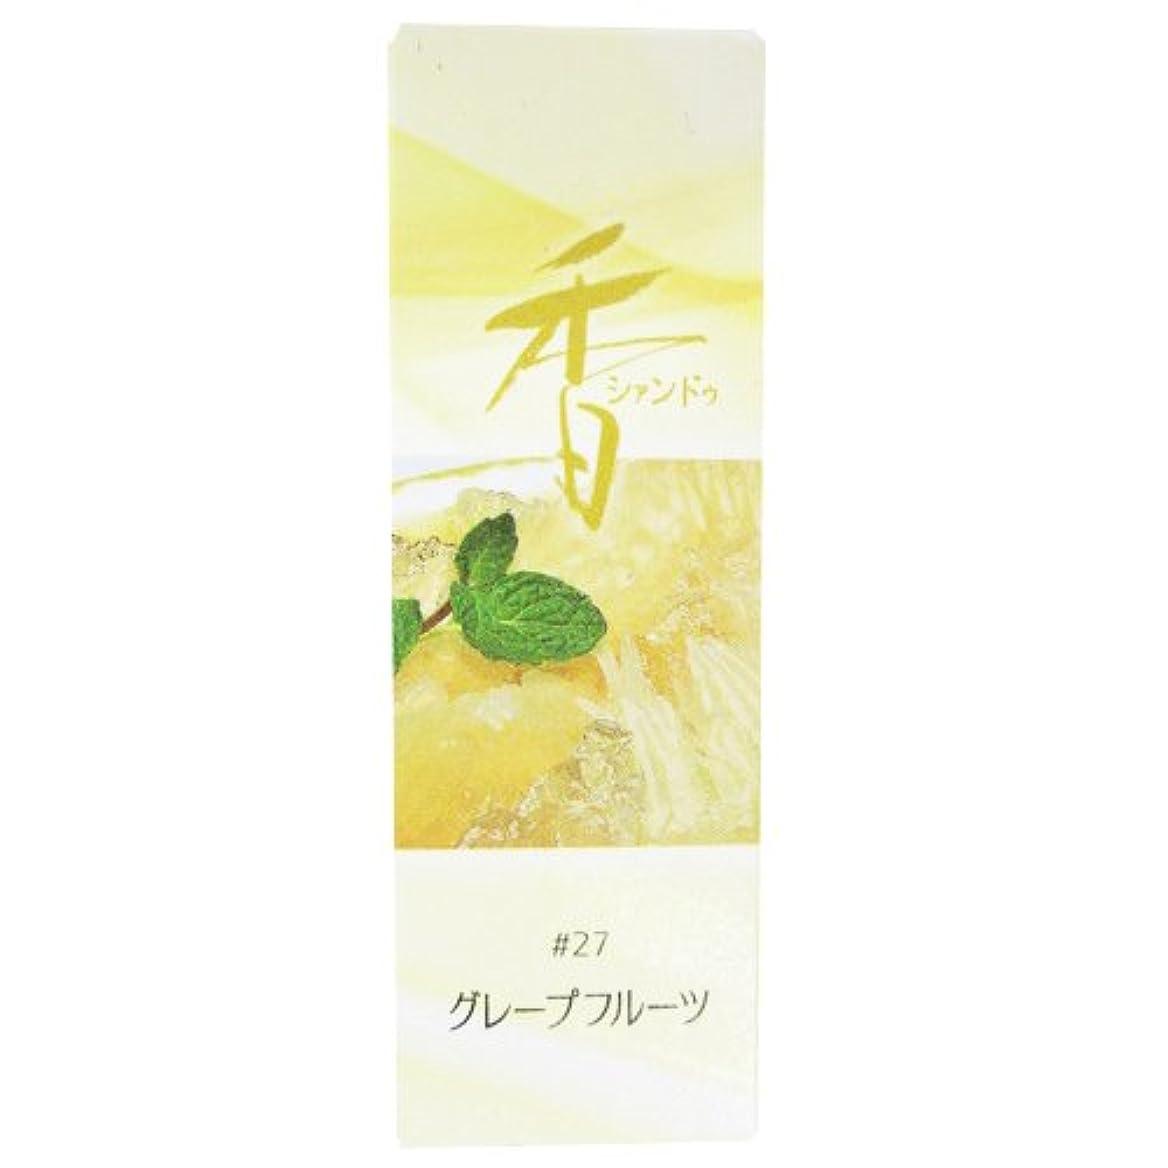 節約行列野生松栄堂のお香 Xiang Do(シャンドゥ) グレープフルーツ ST20本入 簡易香立付 #214227